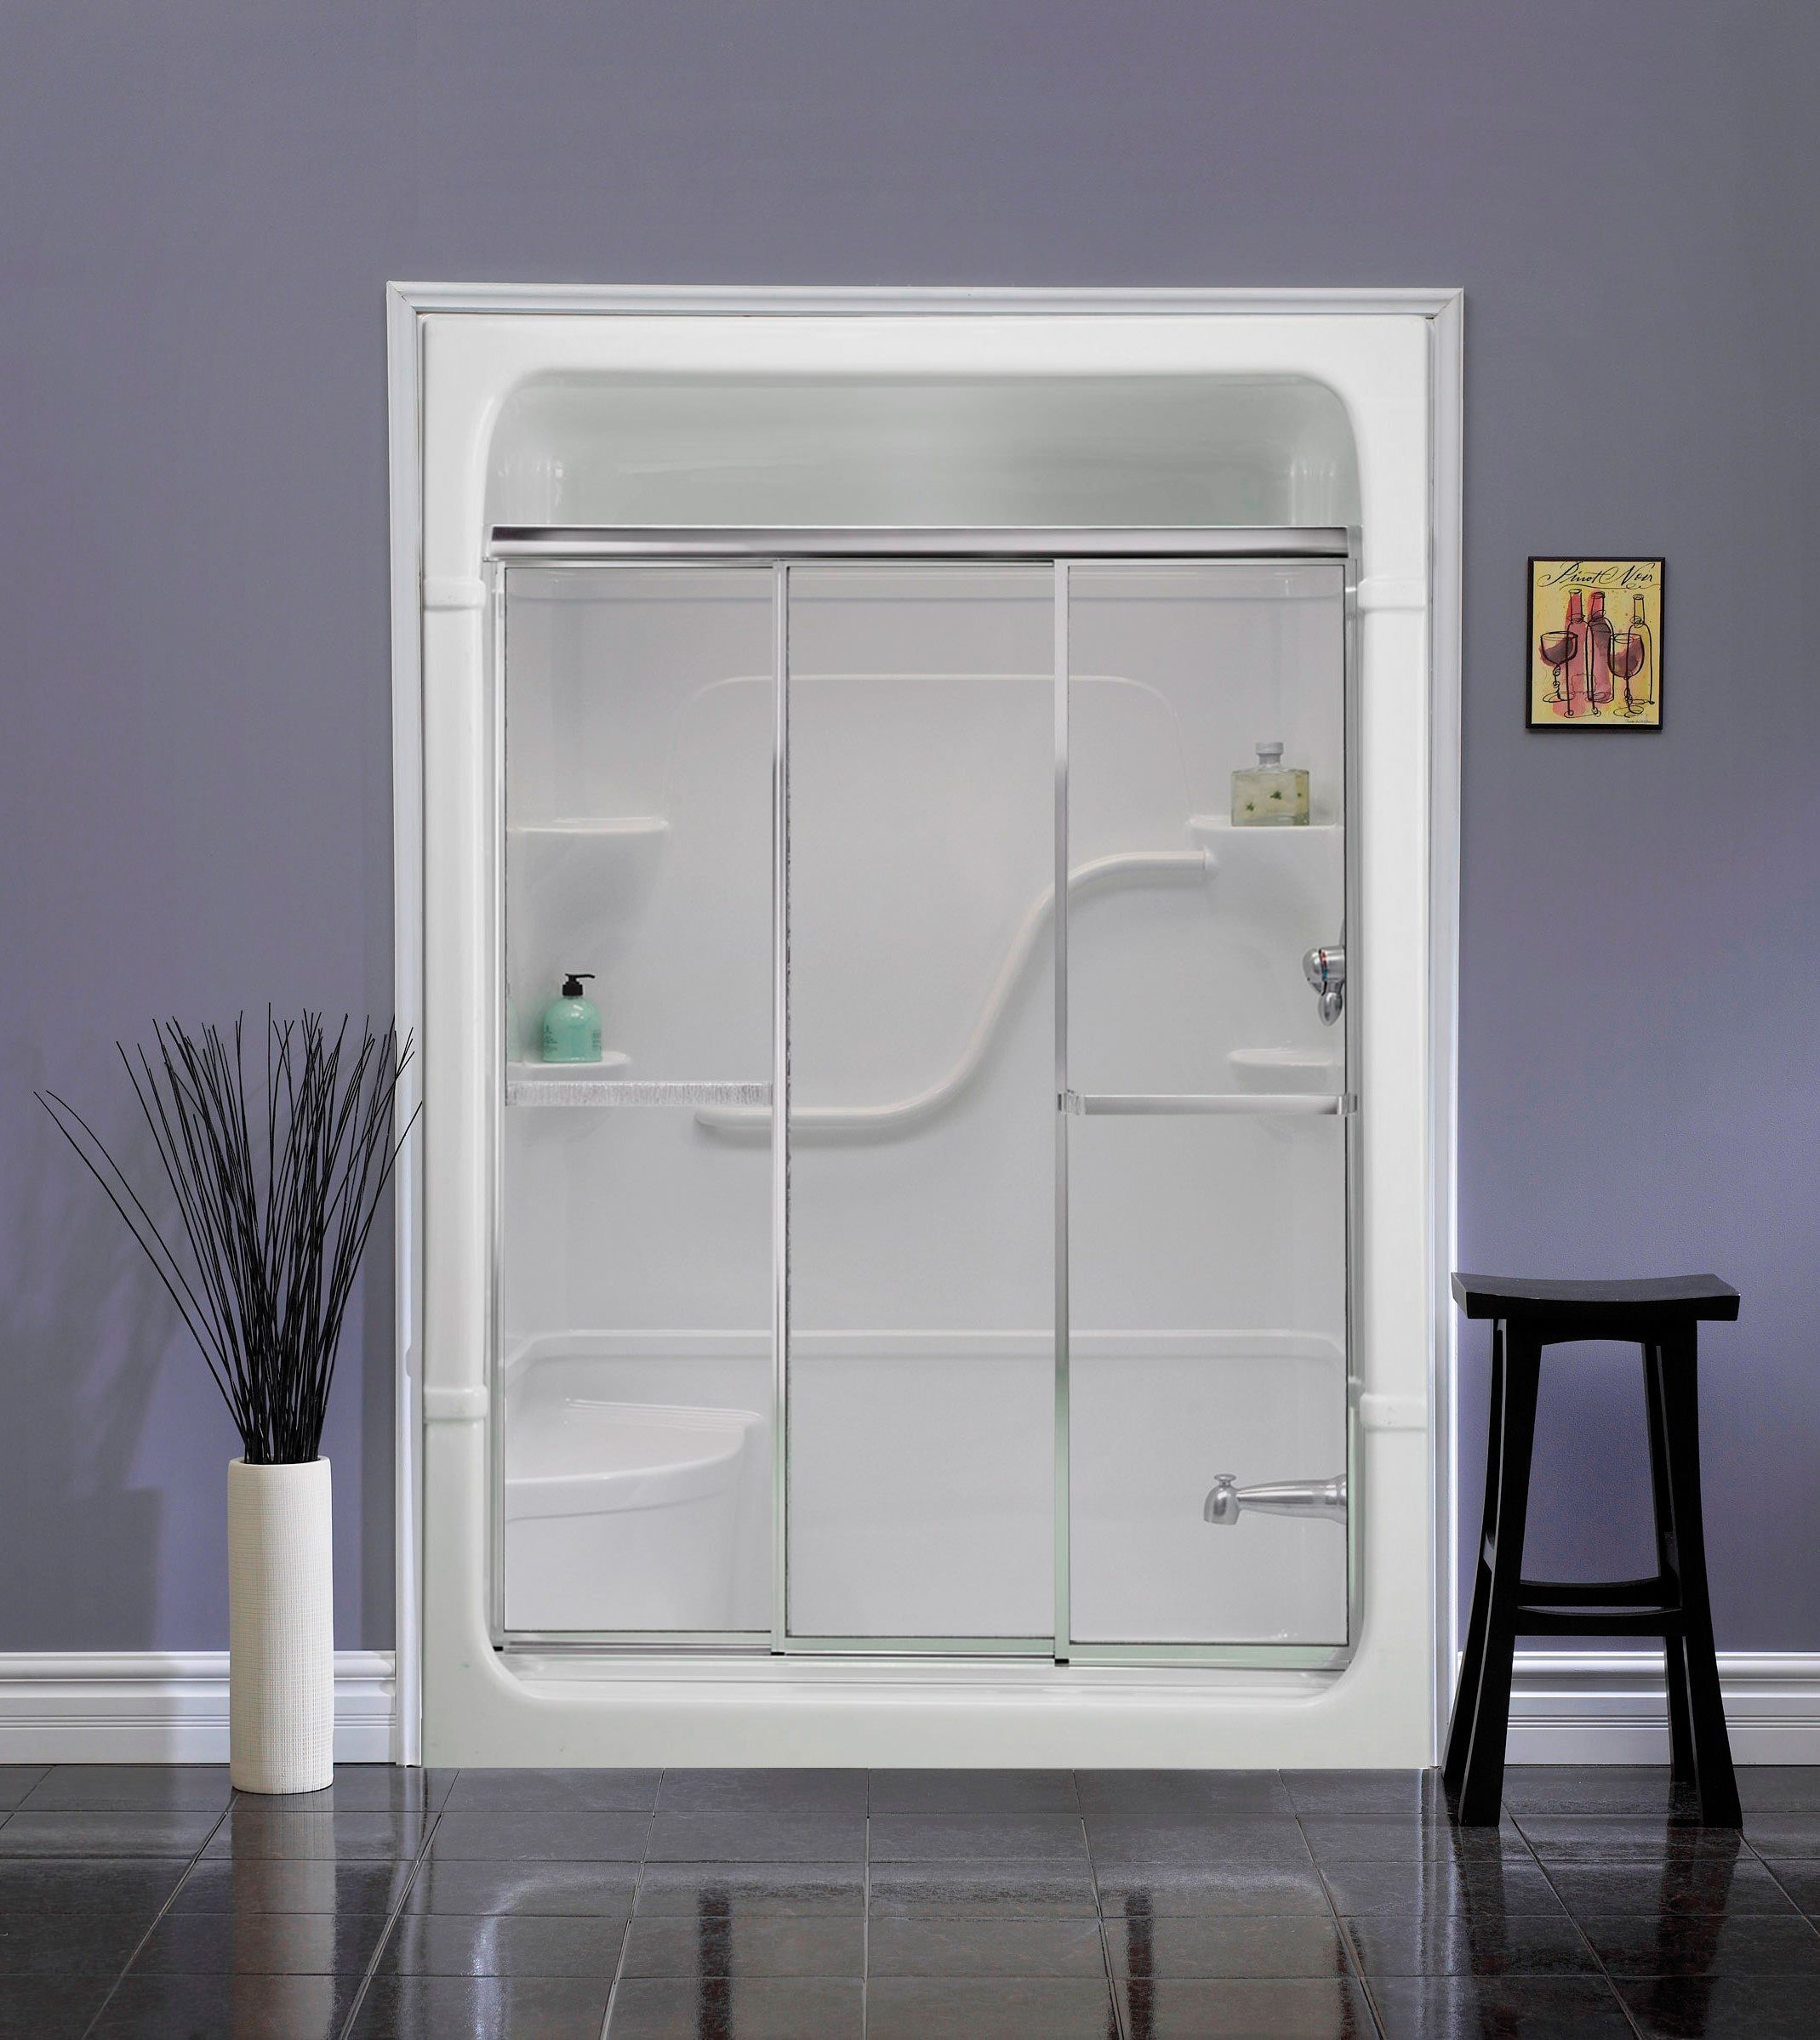 Mirolin 3 Panel Shower Door | http://sourceabl.com | Pinterest ...